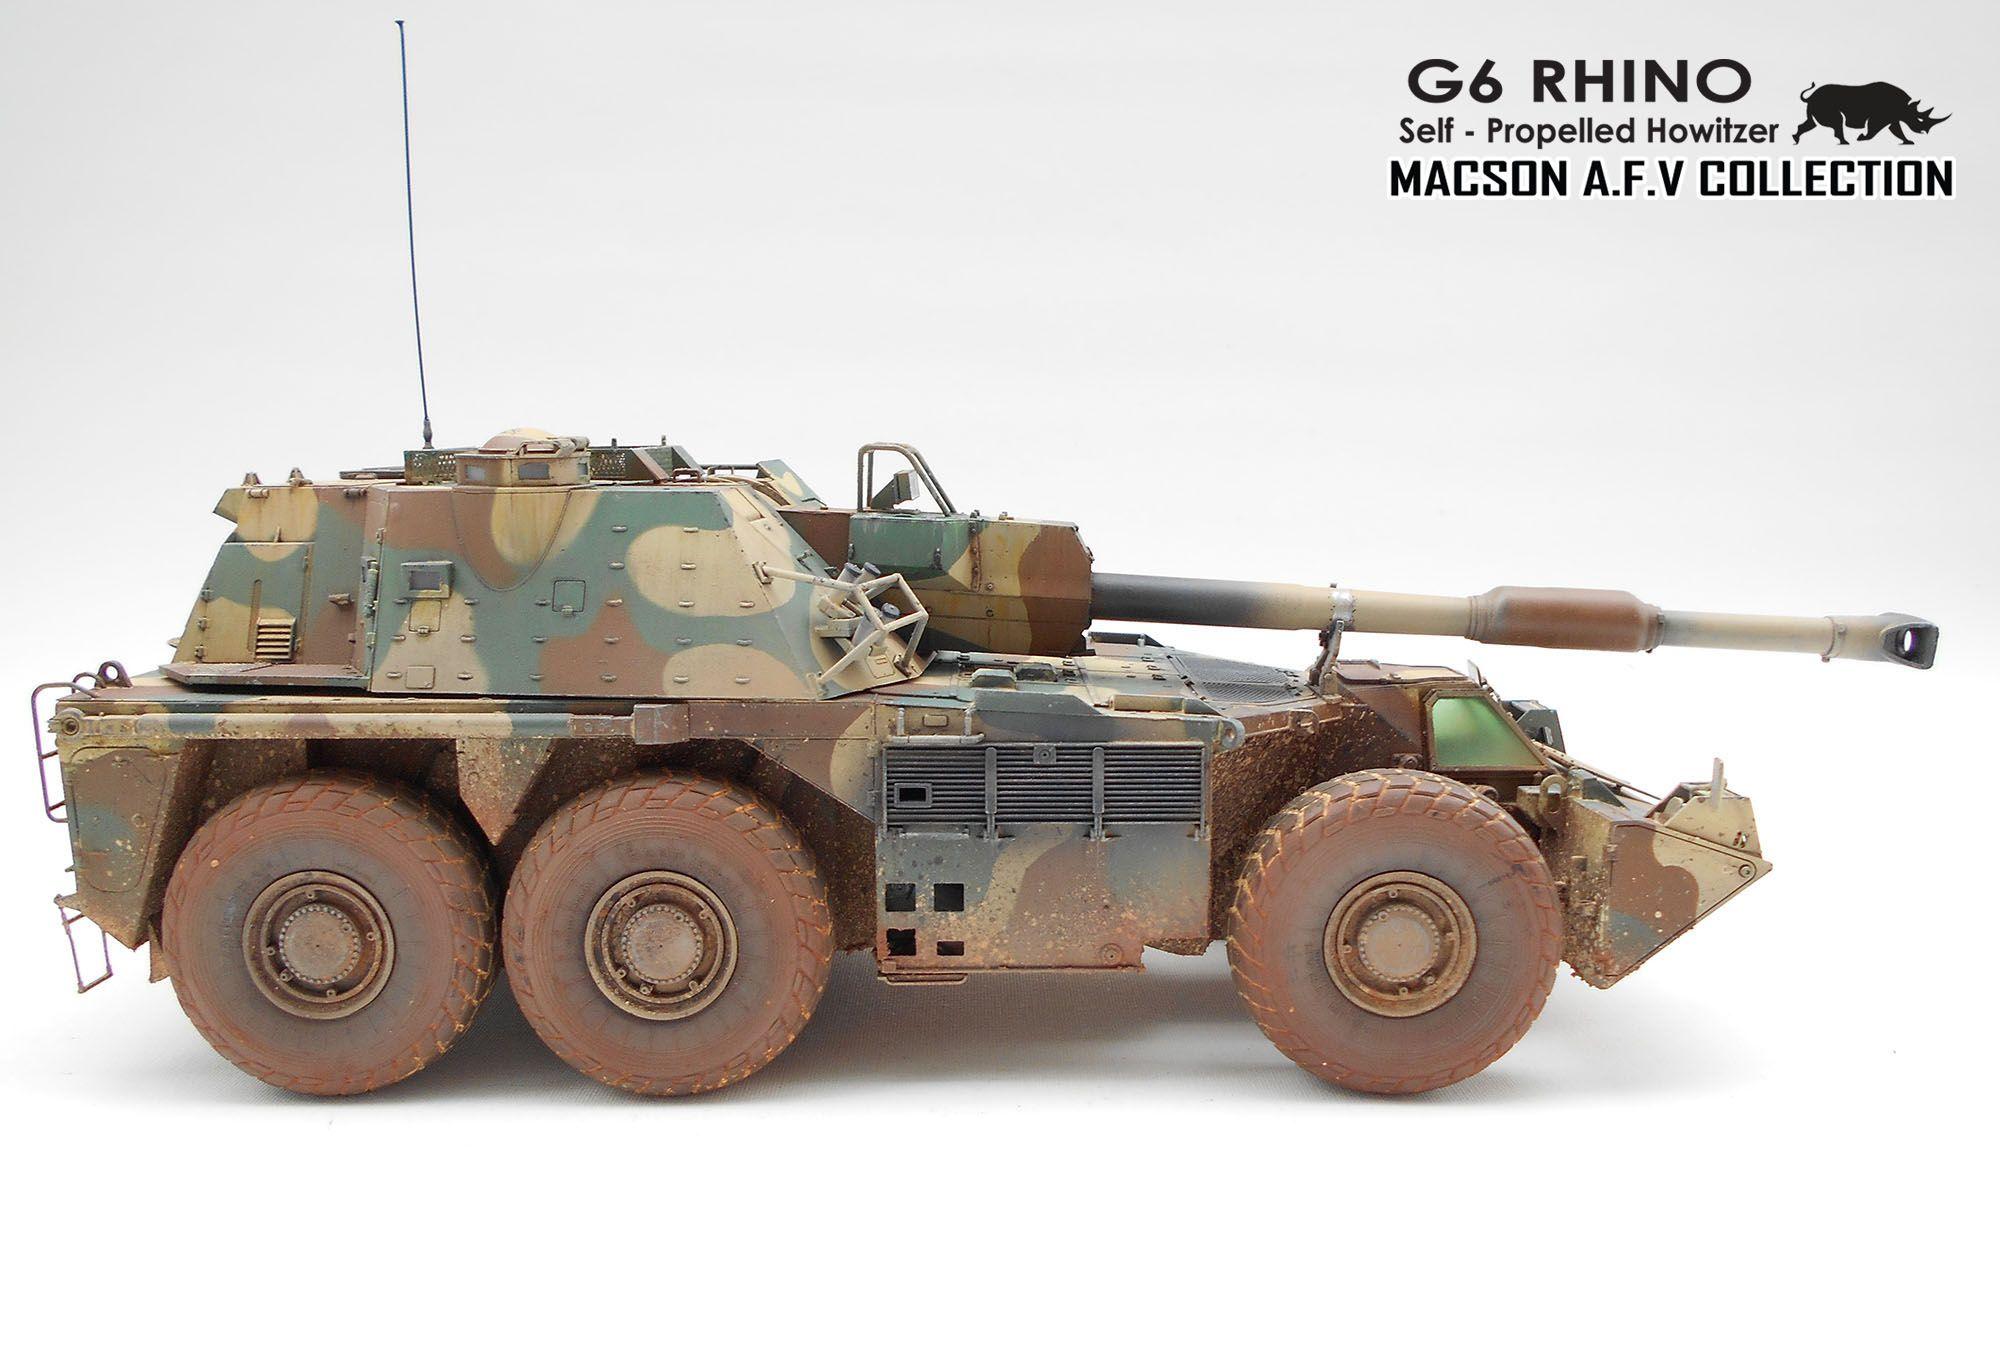 1:35 TAKOM G6 Rhino SPG | G6 Rhino SPG by Macson Tan